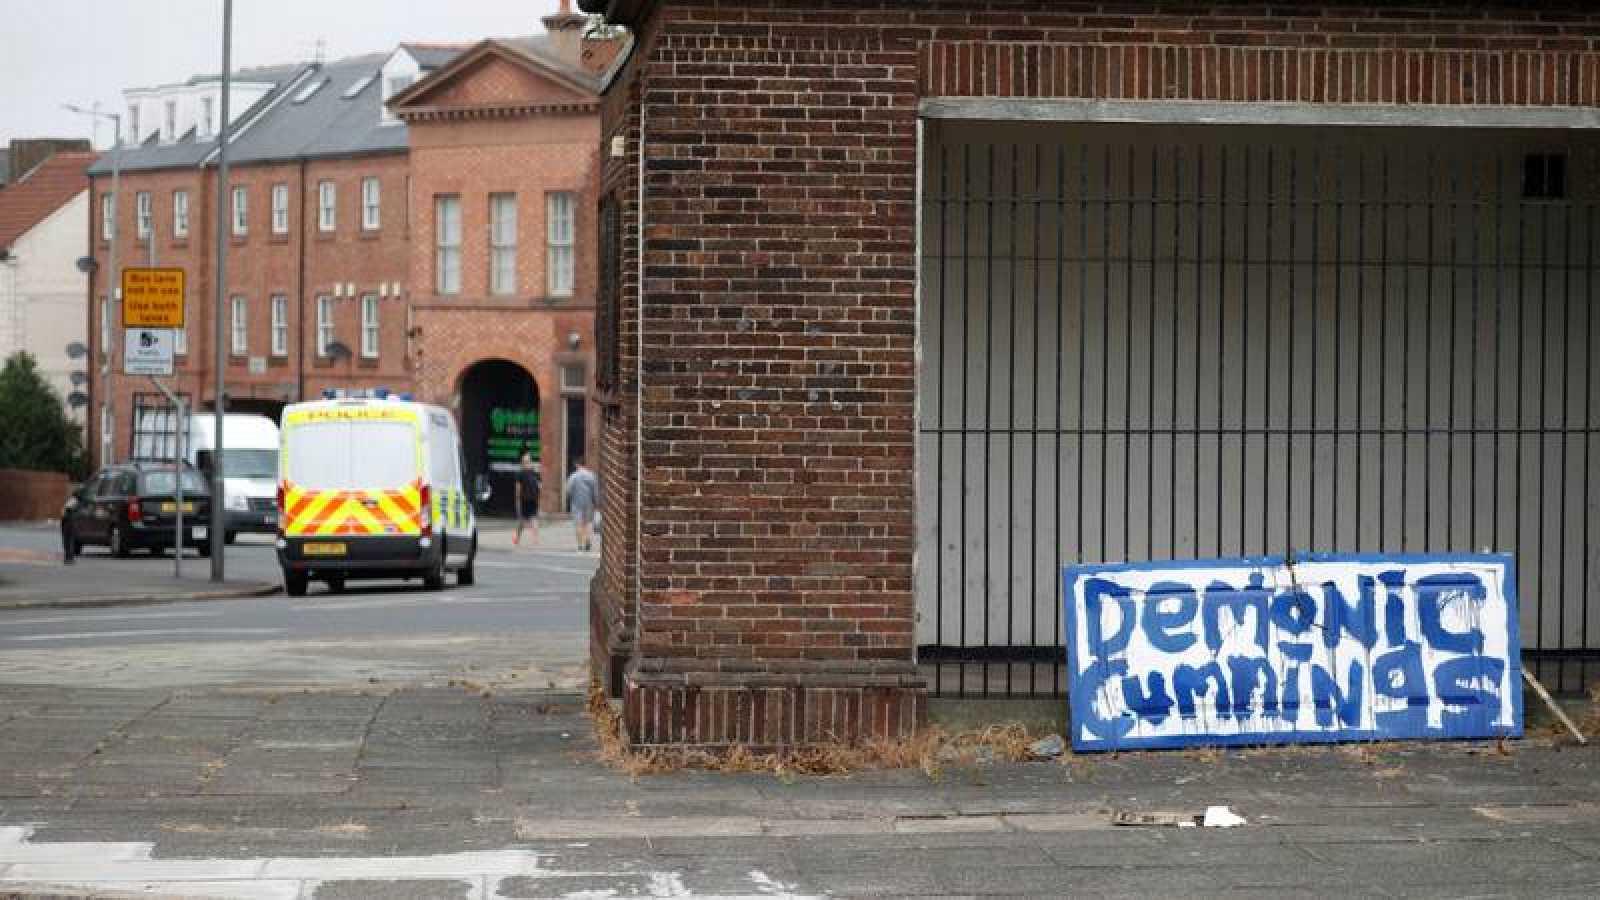 Reino Unido sobrepasa la barrera de los 37.000 muertos con coronavirus envuelta en la polémica del caso Cummings